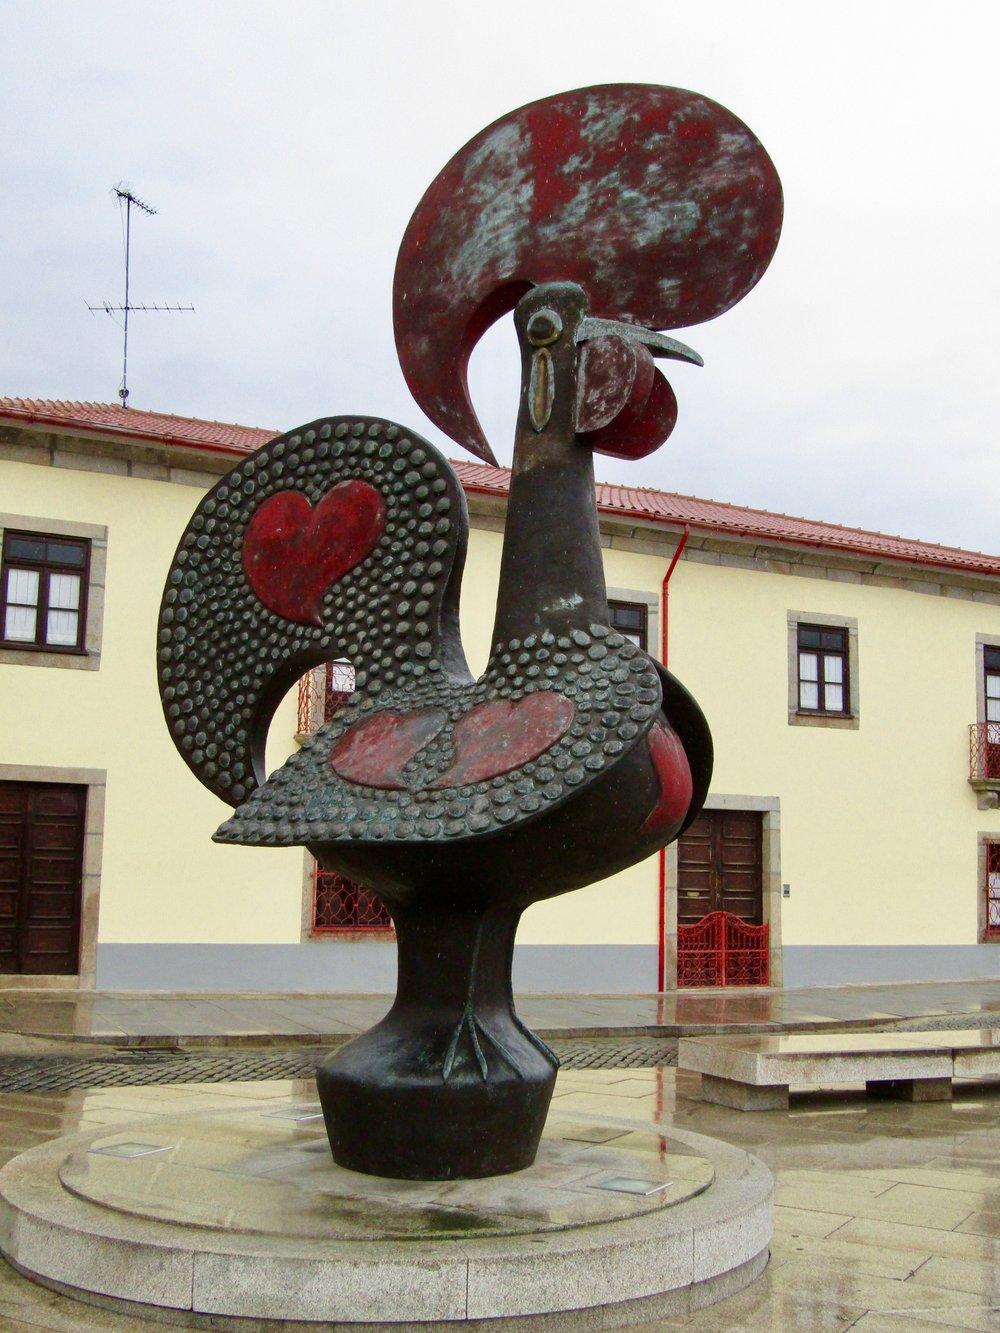 Toujours fier, le coq portugais!